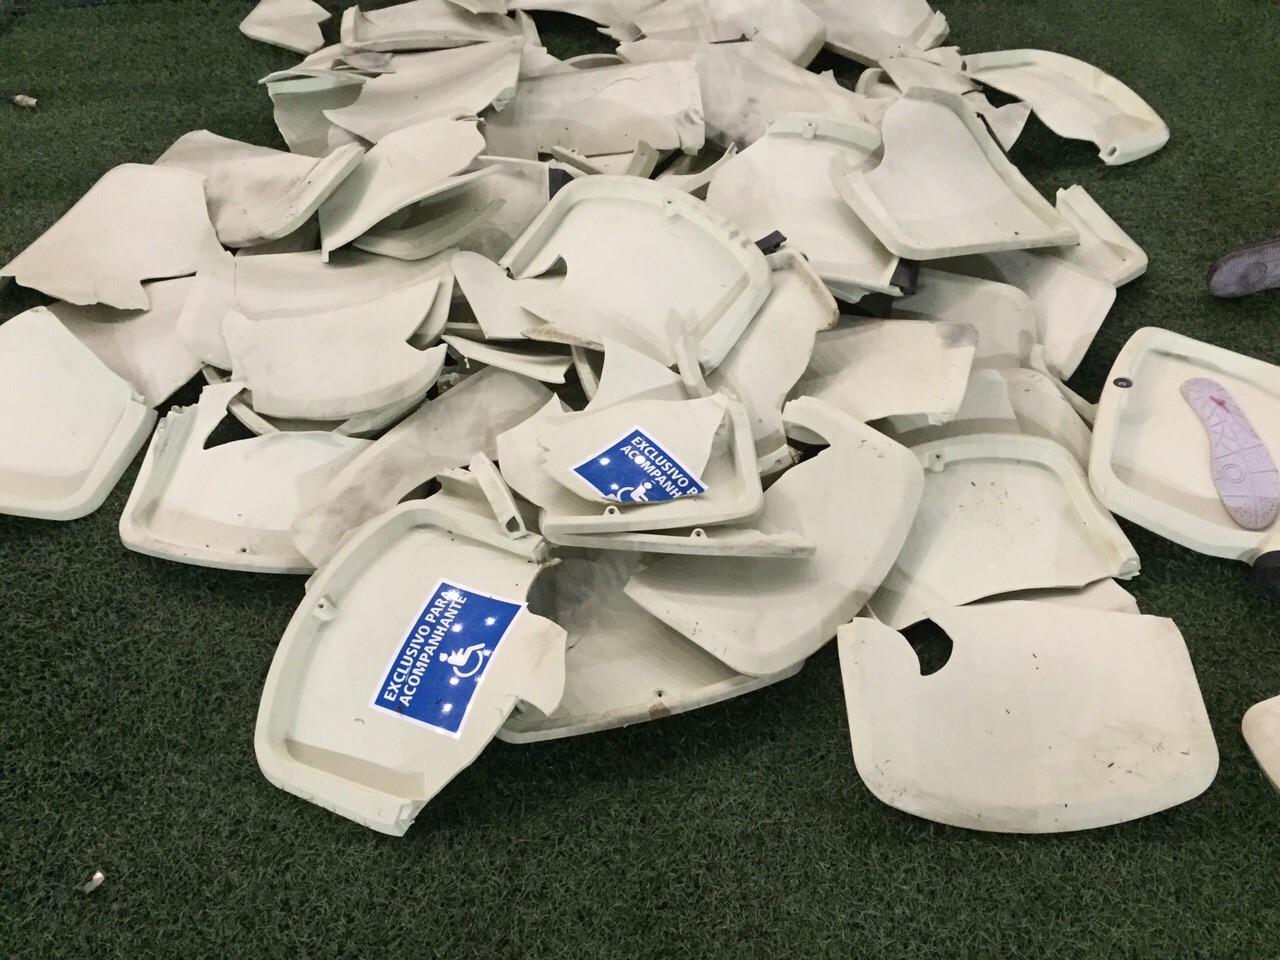 Clássico-Rei terminou com 1.580 cadeiras quebradas e prejuízo de R$ 500 mil (FOTO: Lucas Catrib/Tribuna do Ceará)